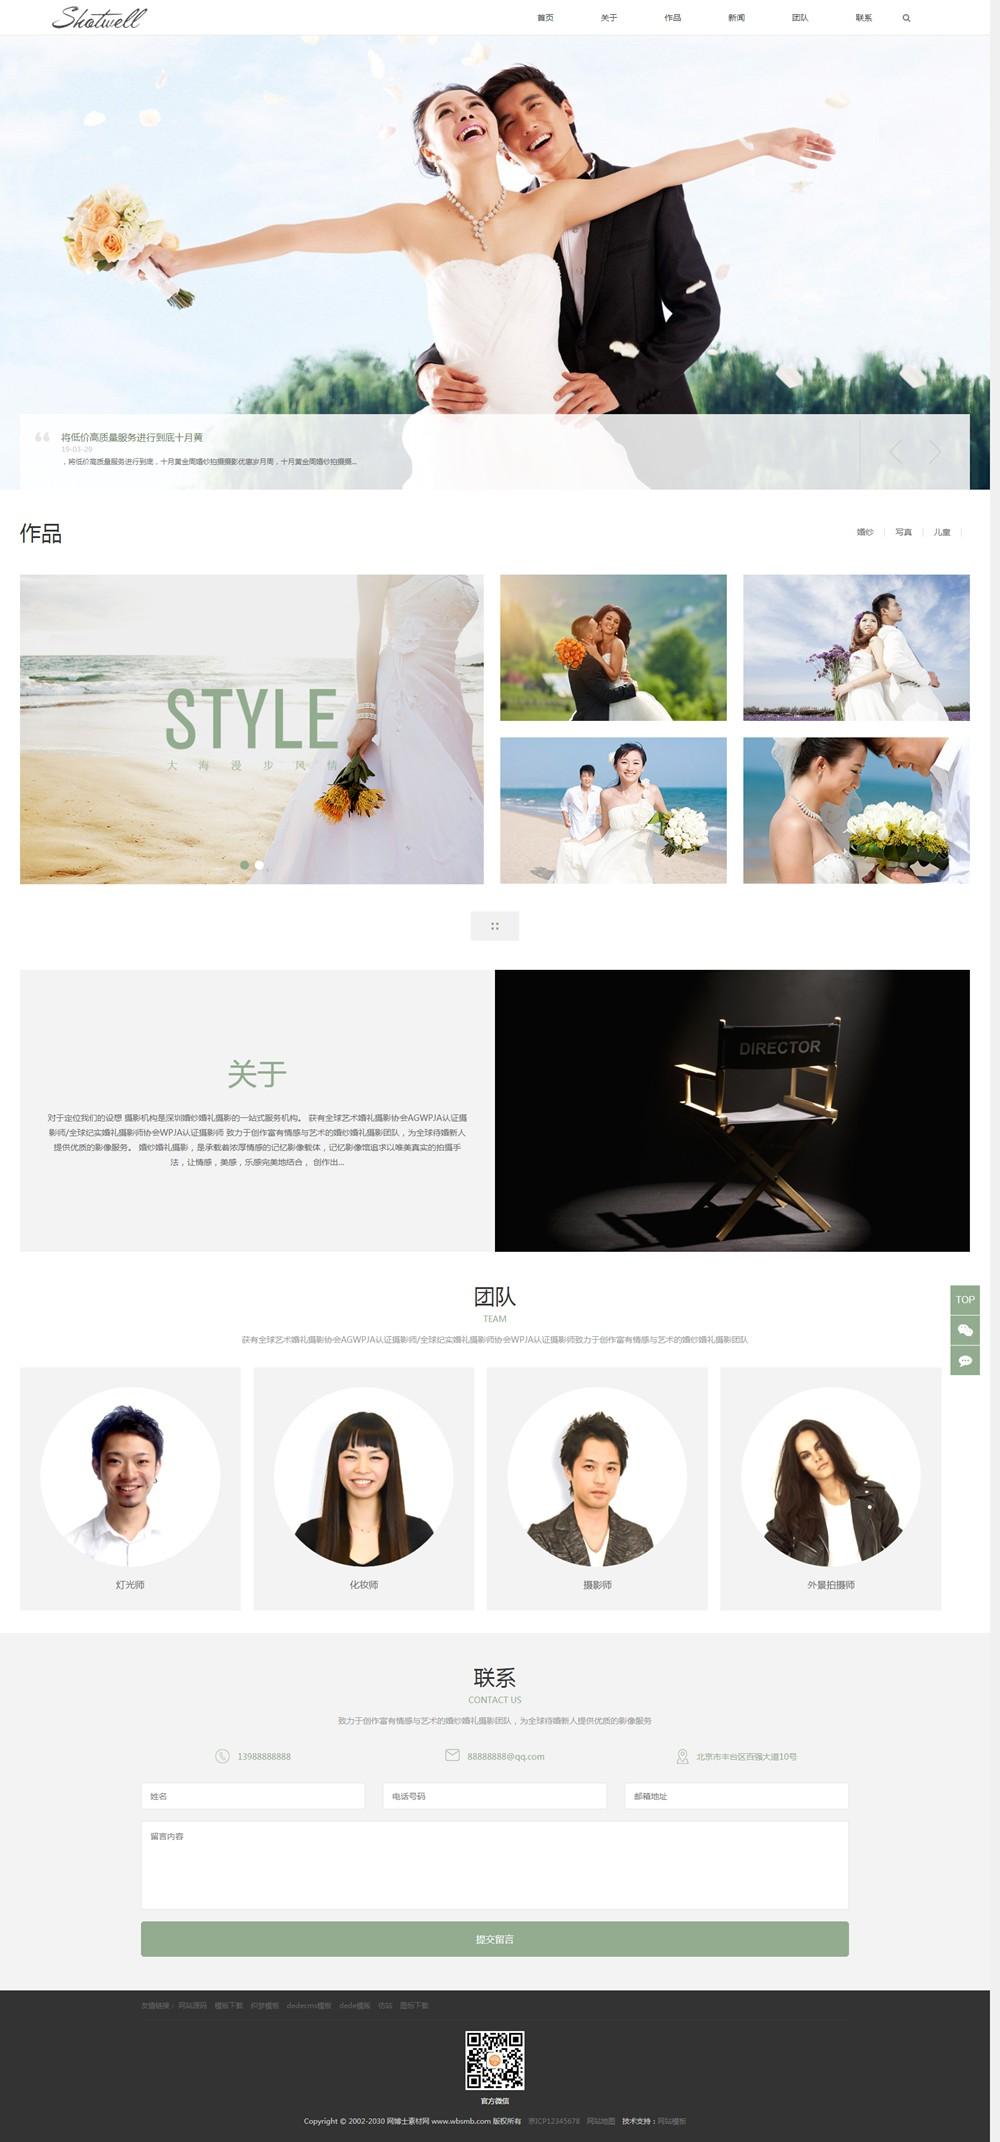 (自适应手机版)响应式婚纱照摄影类网站织梦模板 HTML5个人写真户外摄影工作室网站